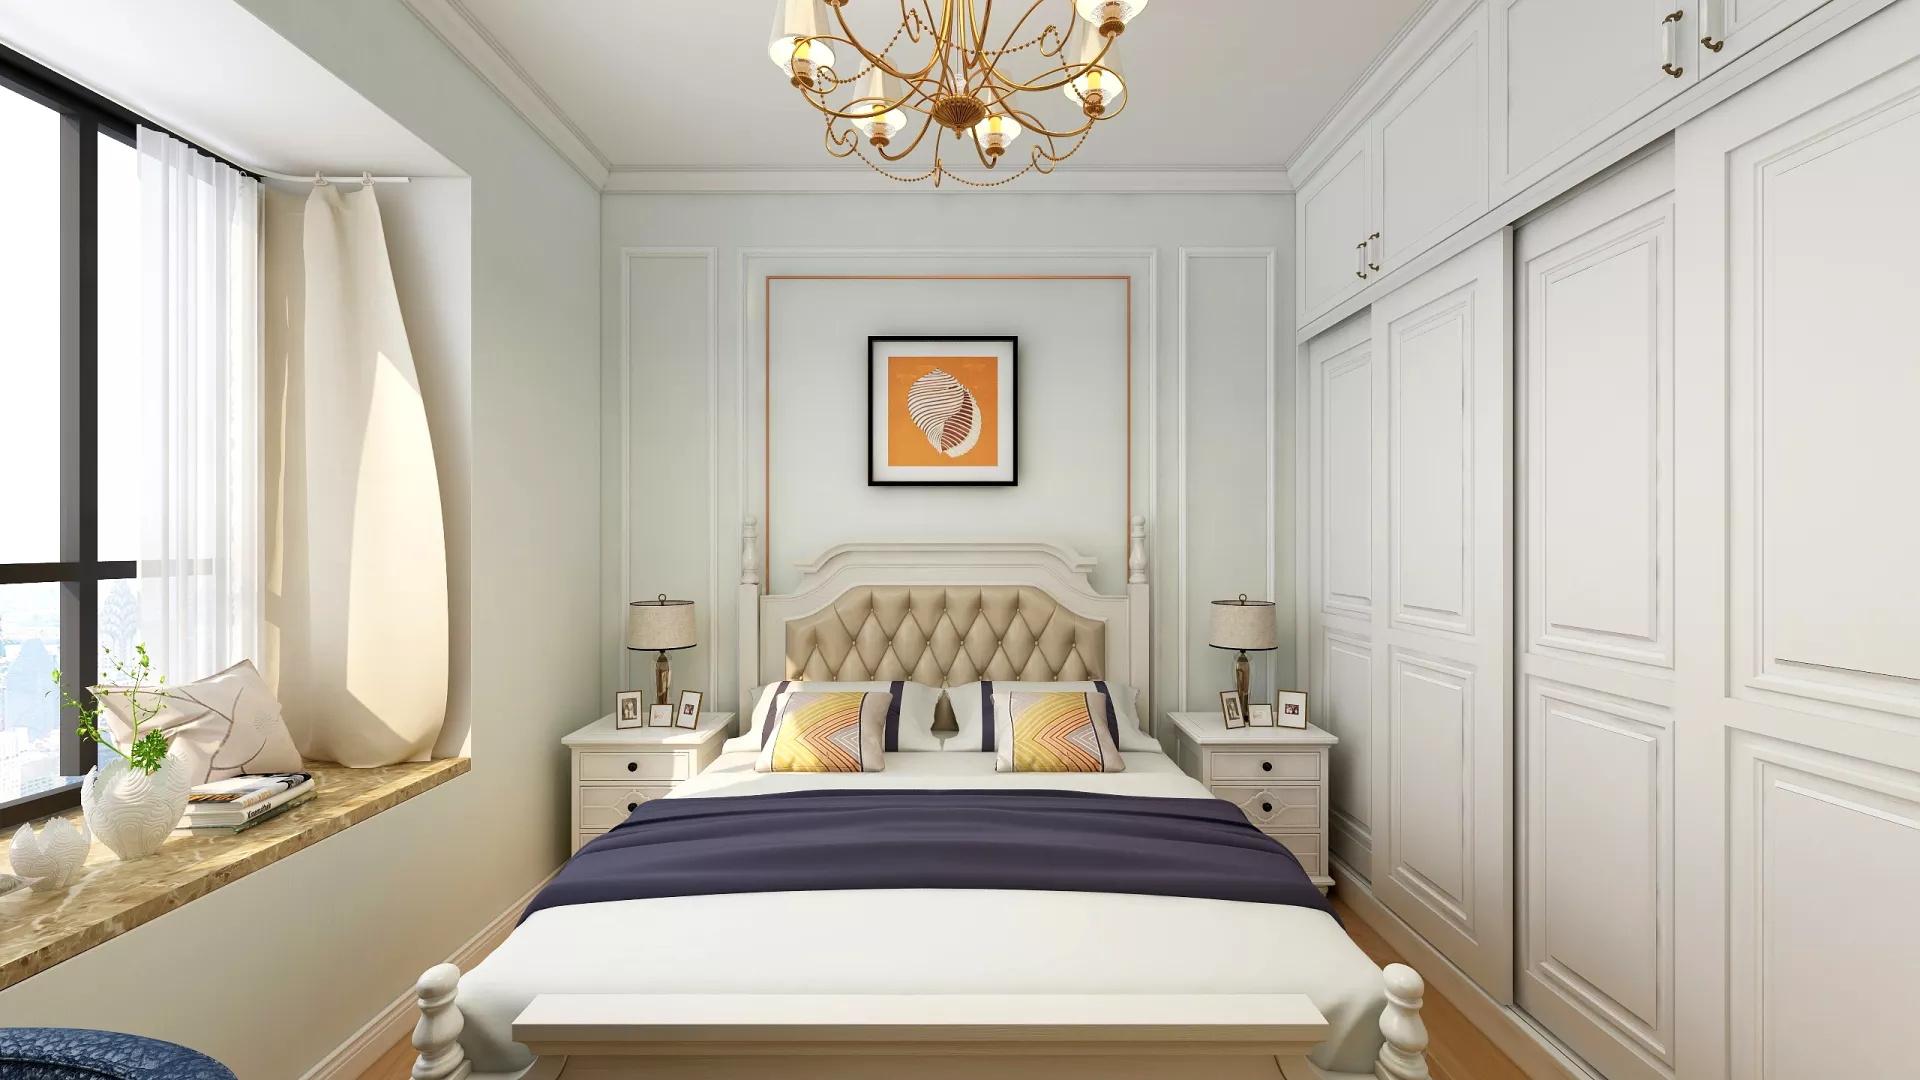 金可儿床垫分哪些系列 金可儿床垫哪个系列好